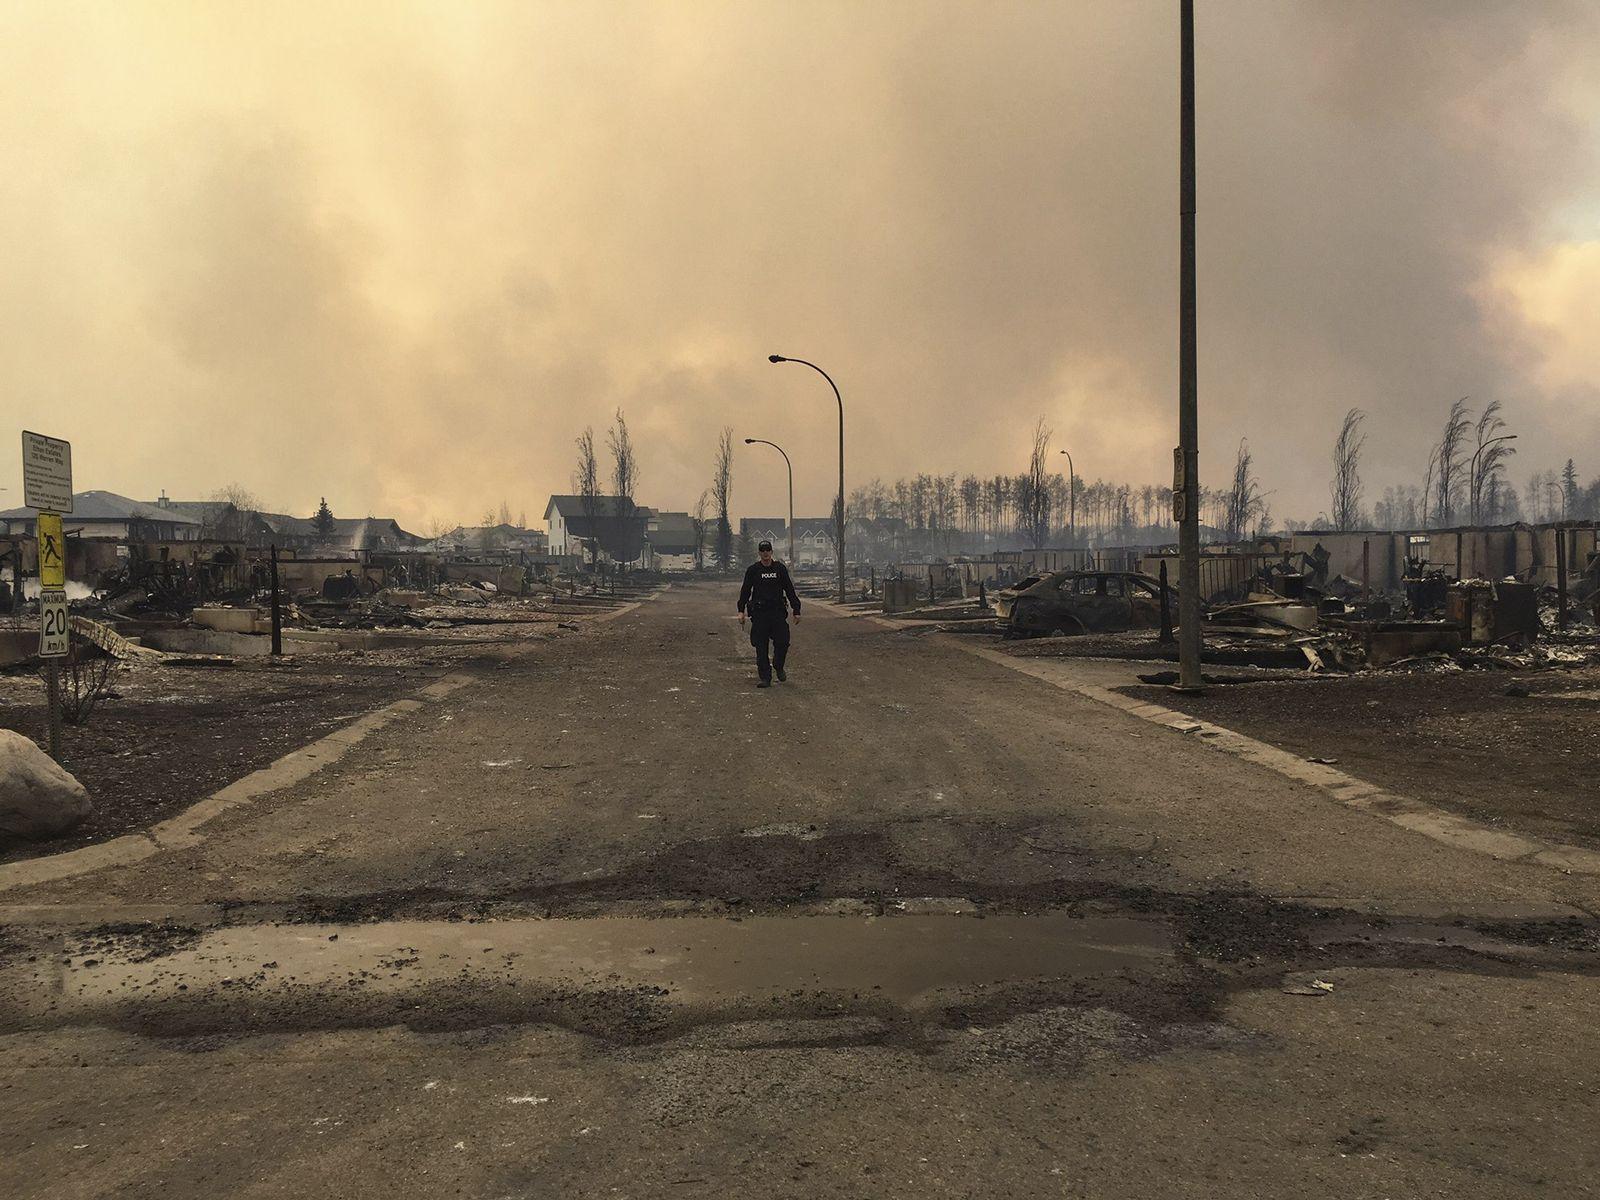 Alberta / Kanada / Waldbrände